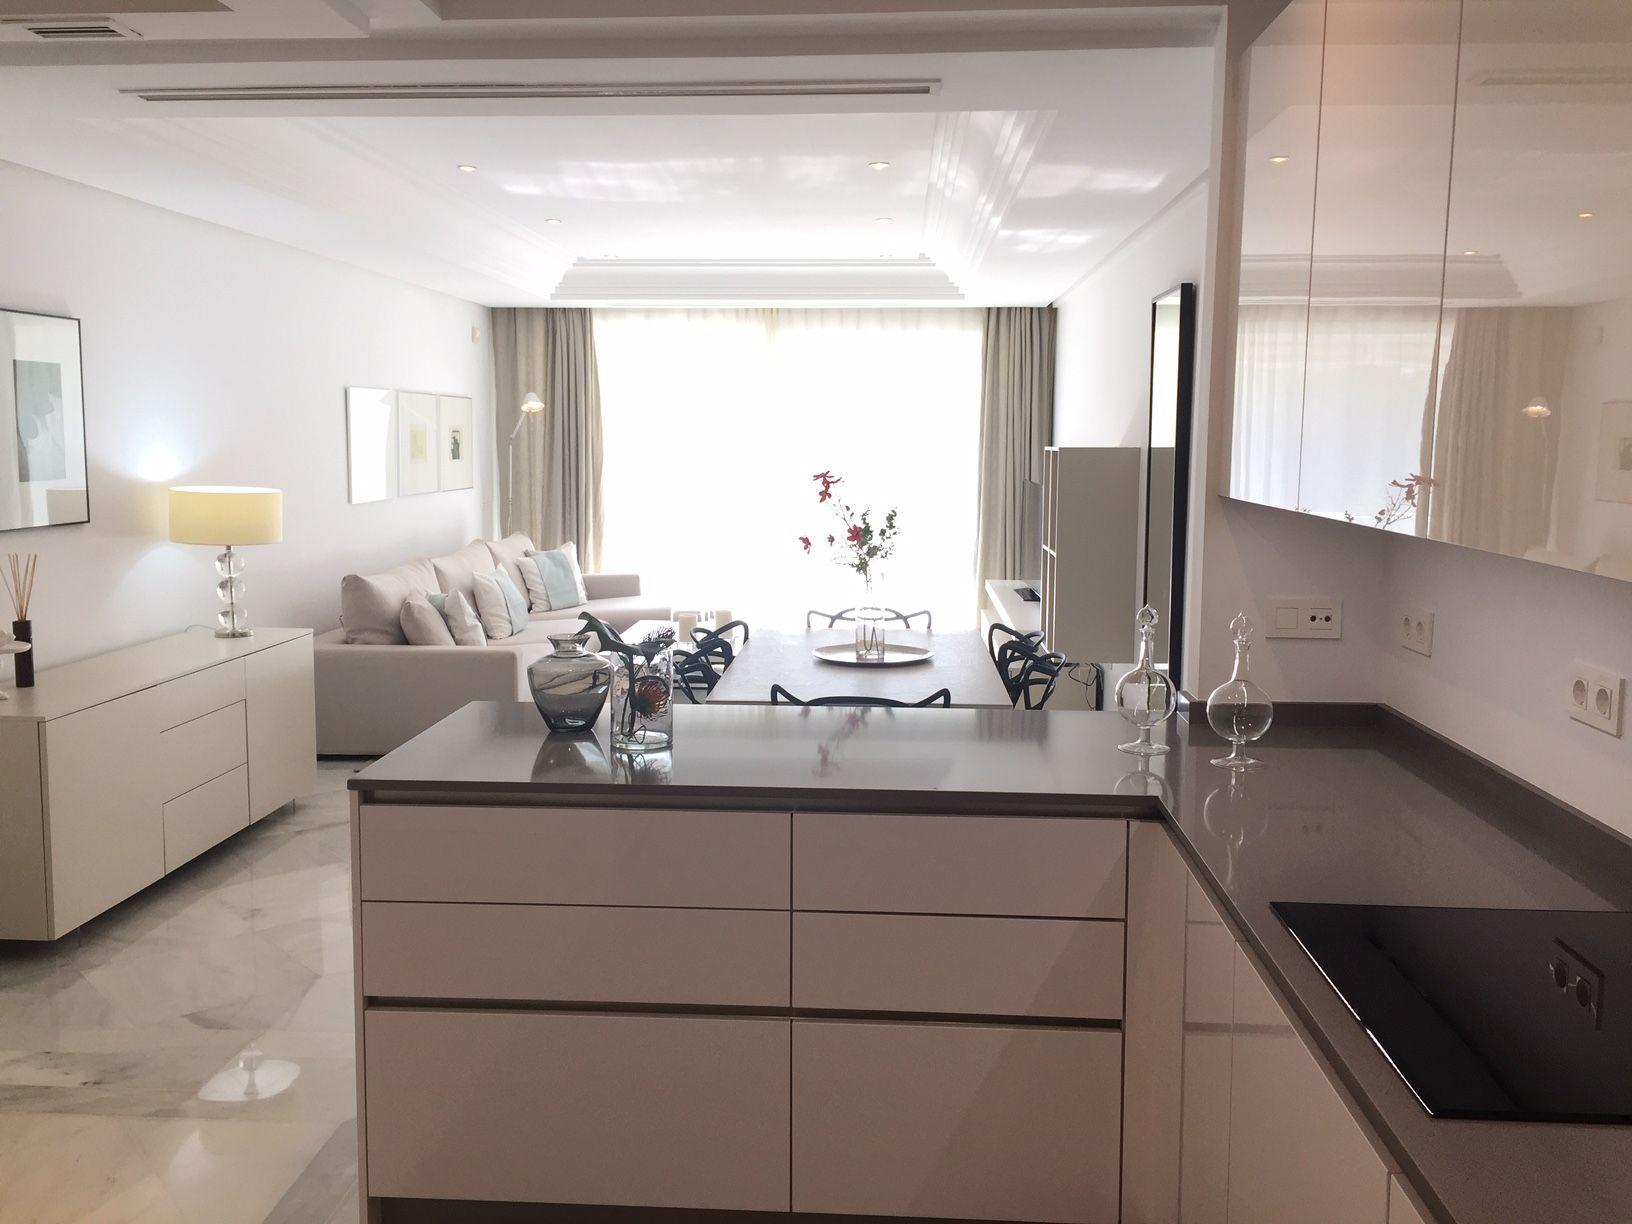 Продается квартира в ЗОЛОТОЙ МИЛЕ в Марбелье, Малага